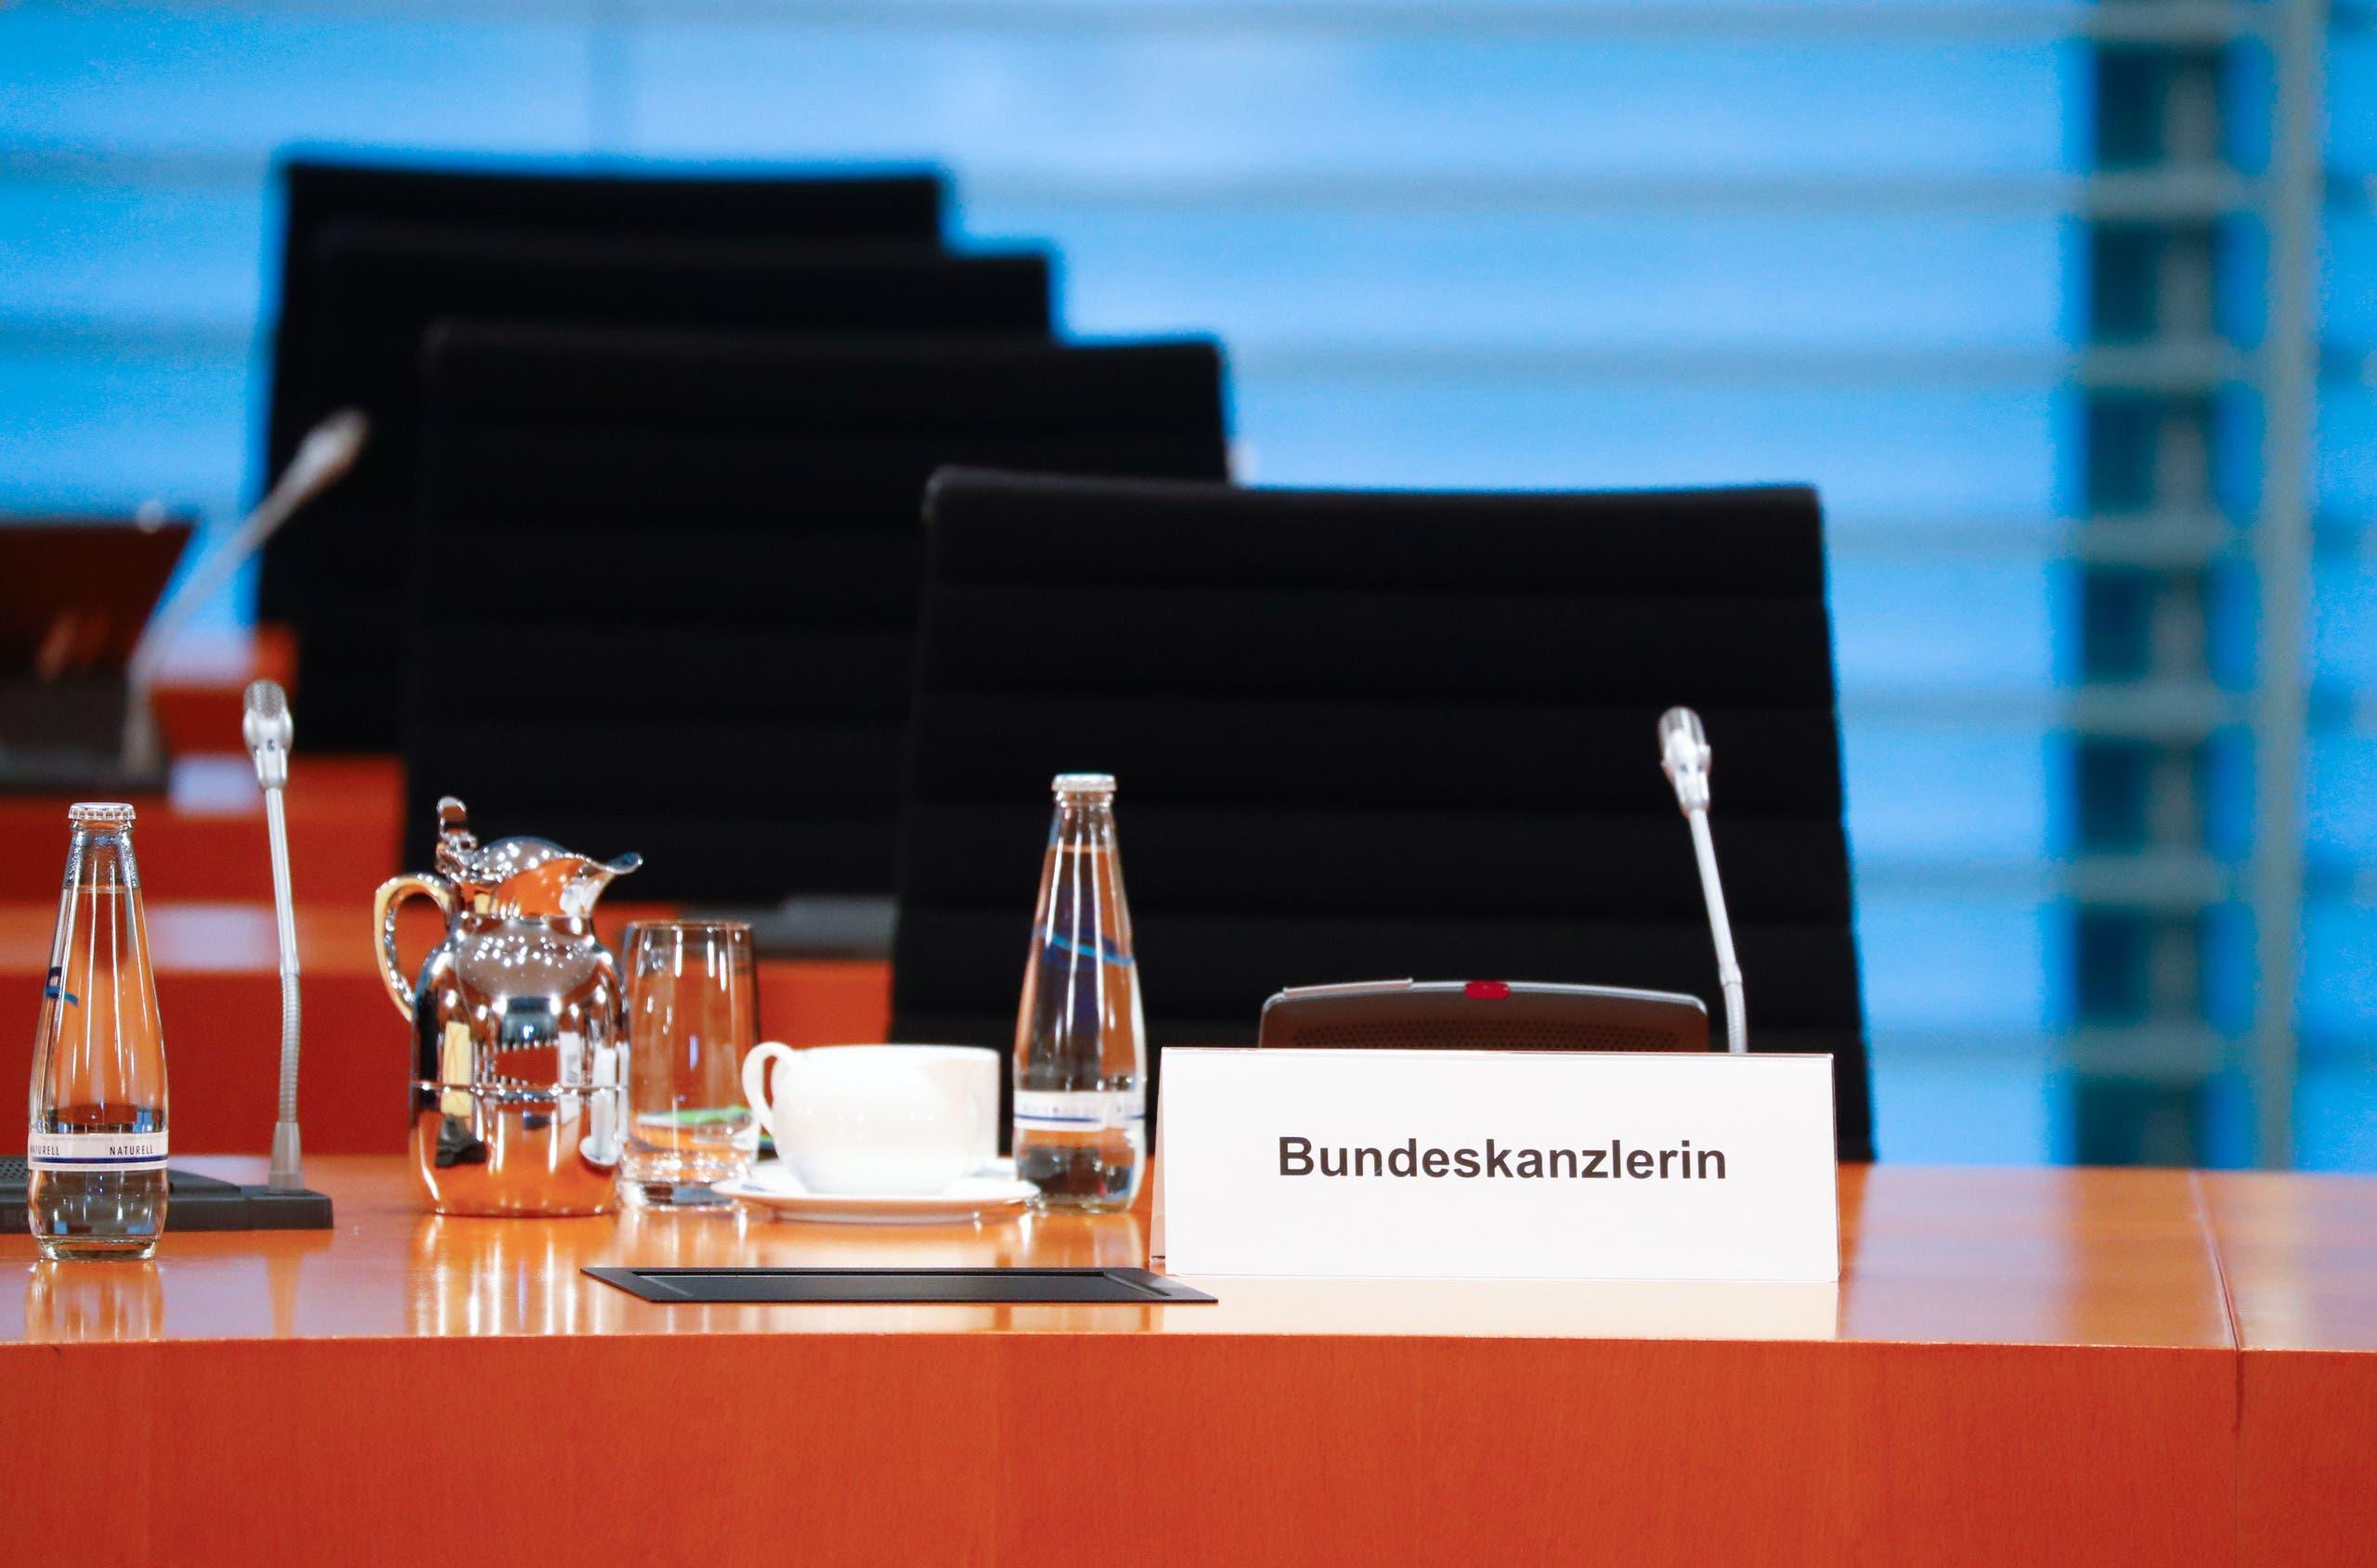 مقعد ميركل فارغ اليوم خلال اجتماع الحكومة الألمانية الذي شاركه فيها عبر الفيديو بسبب الحجر الصحي